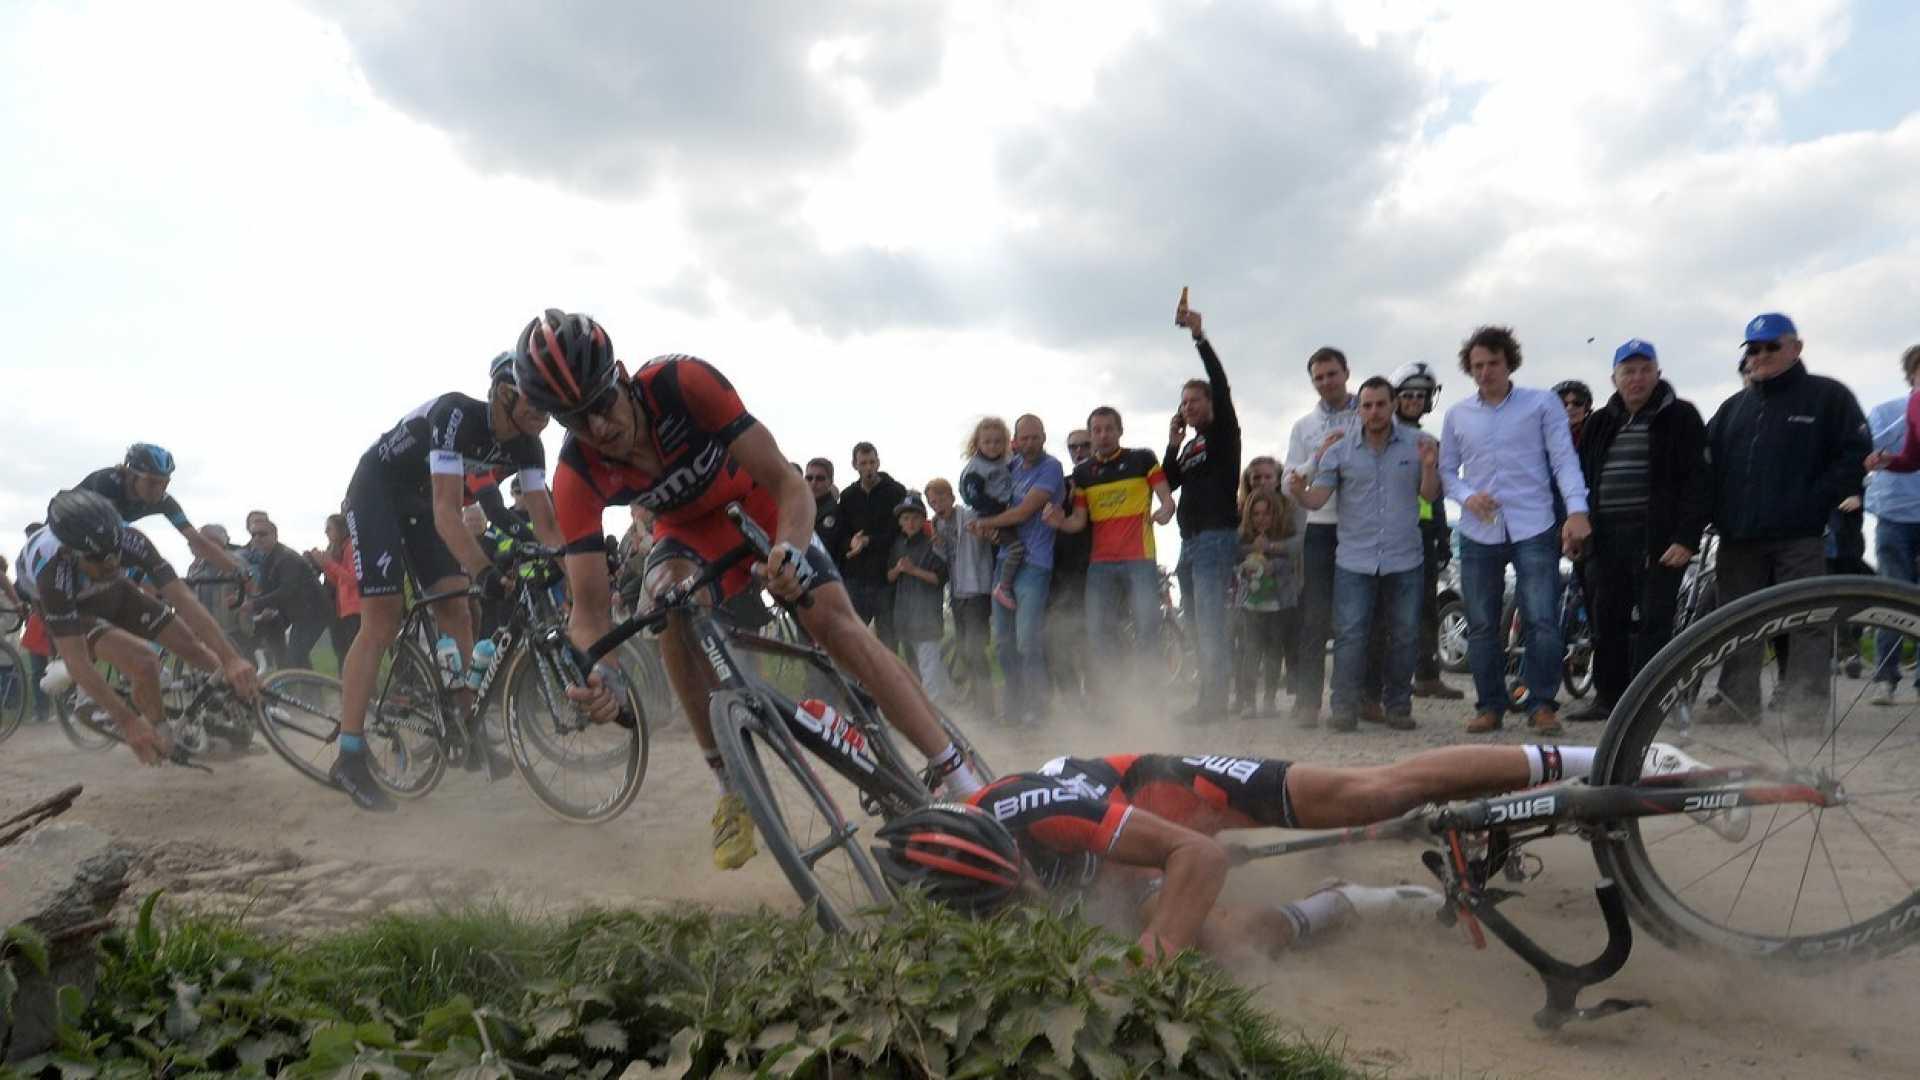 Amikor a BCAA-szint lezuhan, bekövetkezhet a katasztrófa<br>A kerékpárosok versenyében balesetet okozhat a BCAA-szint esése, koncentráció csökkenése